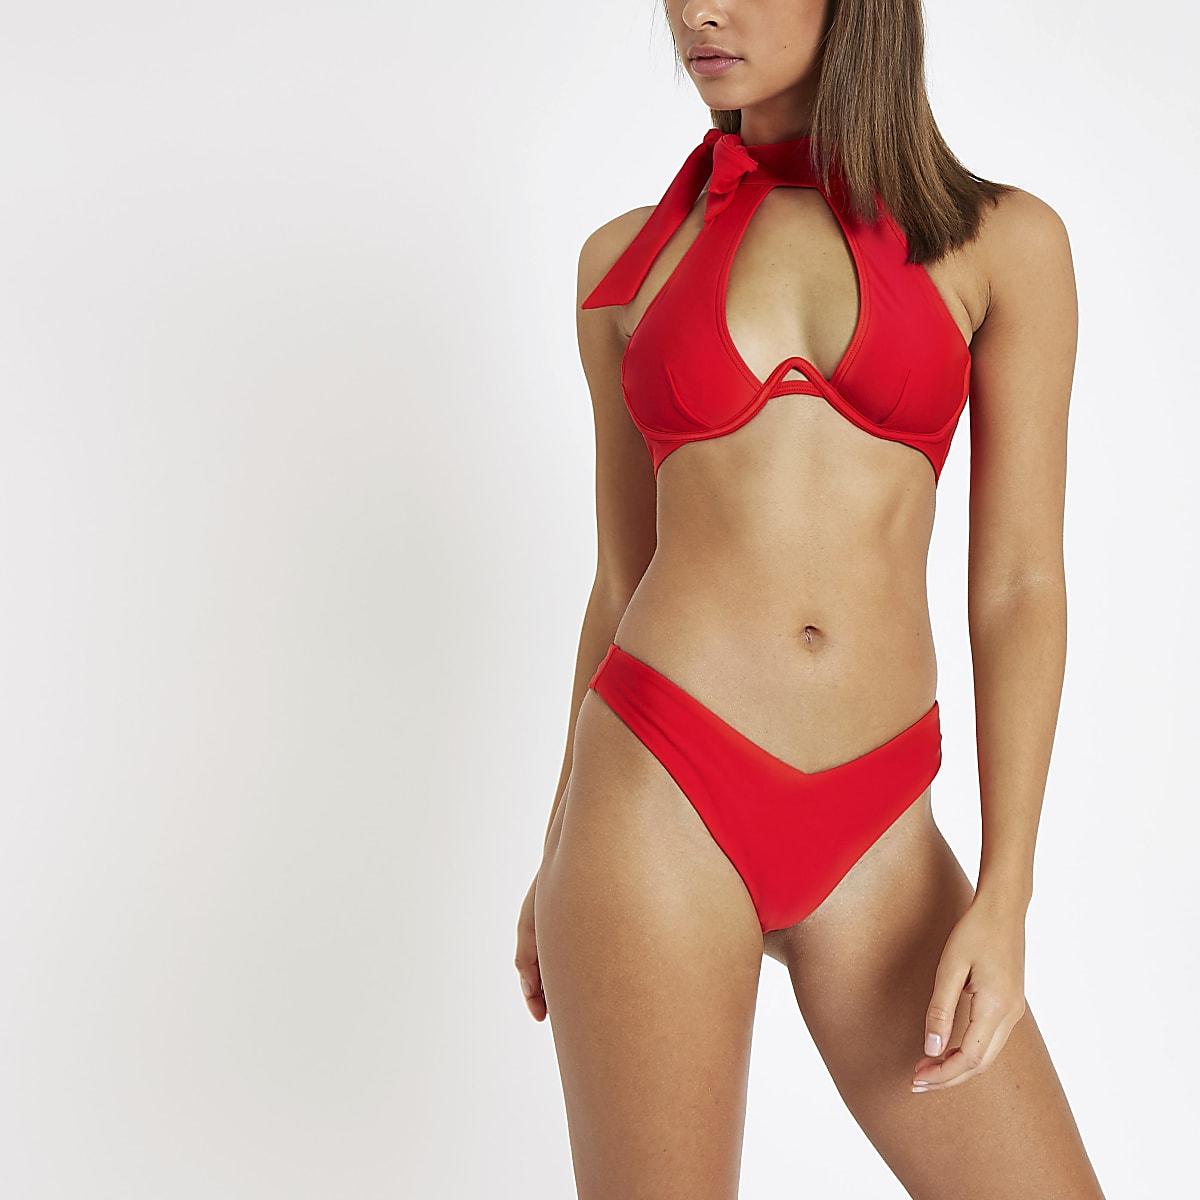 Red halter neck underwired bikini top